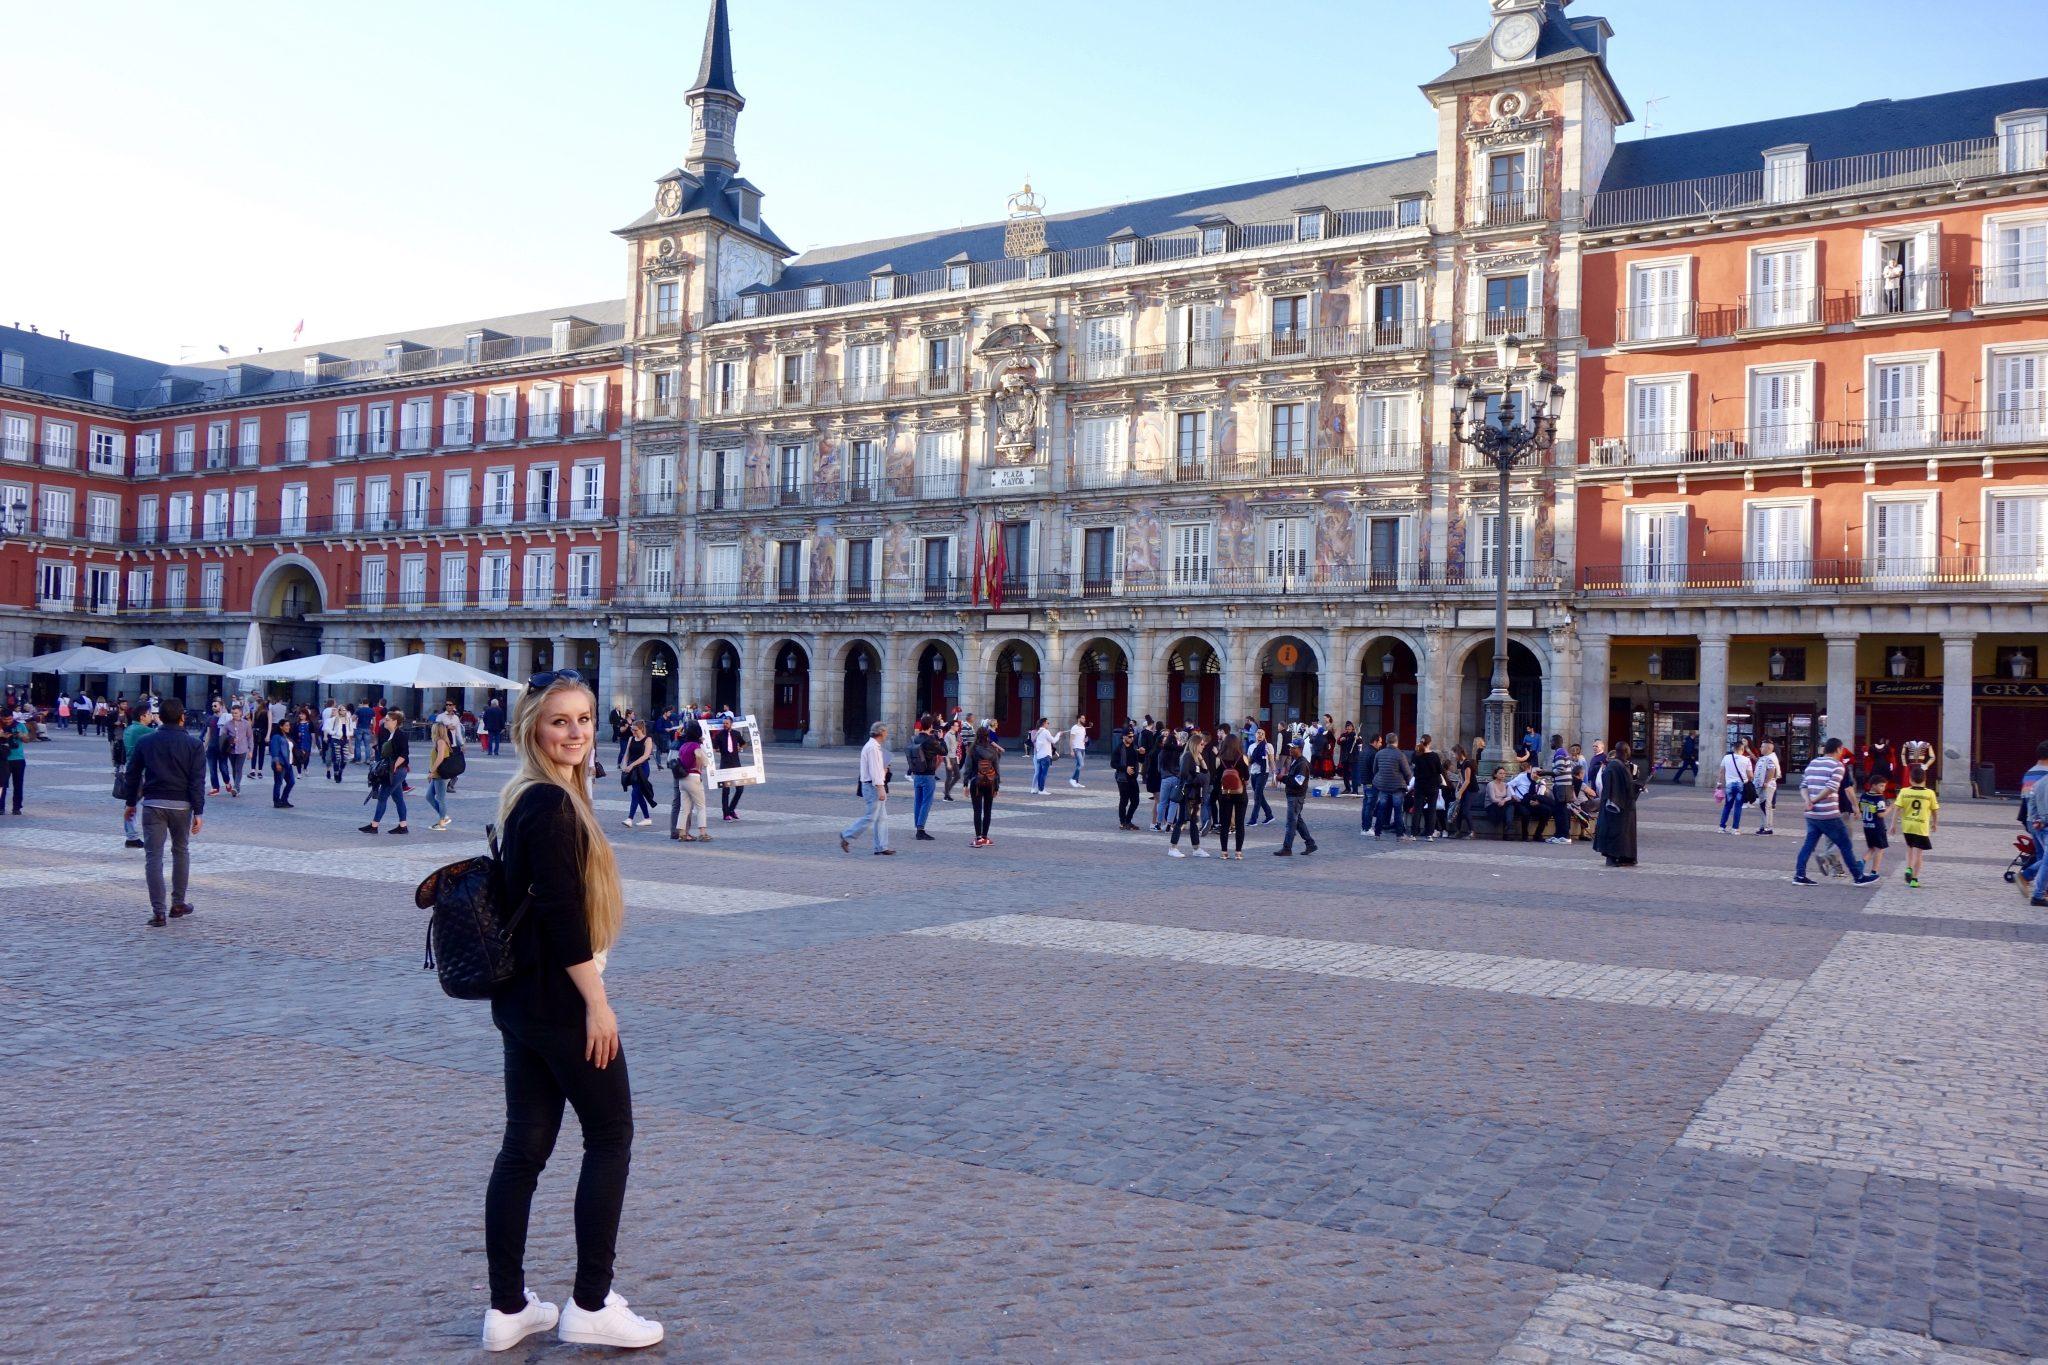 Besonders viele Touristen bestaunen den Plaza Major täglich.